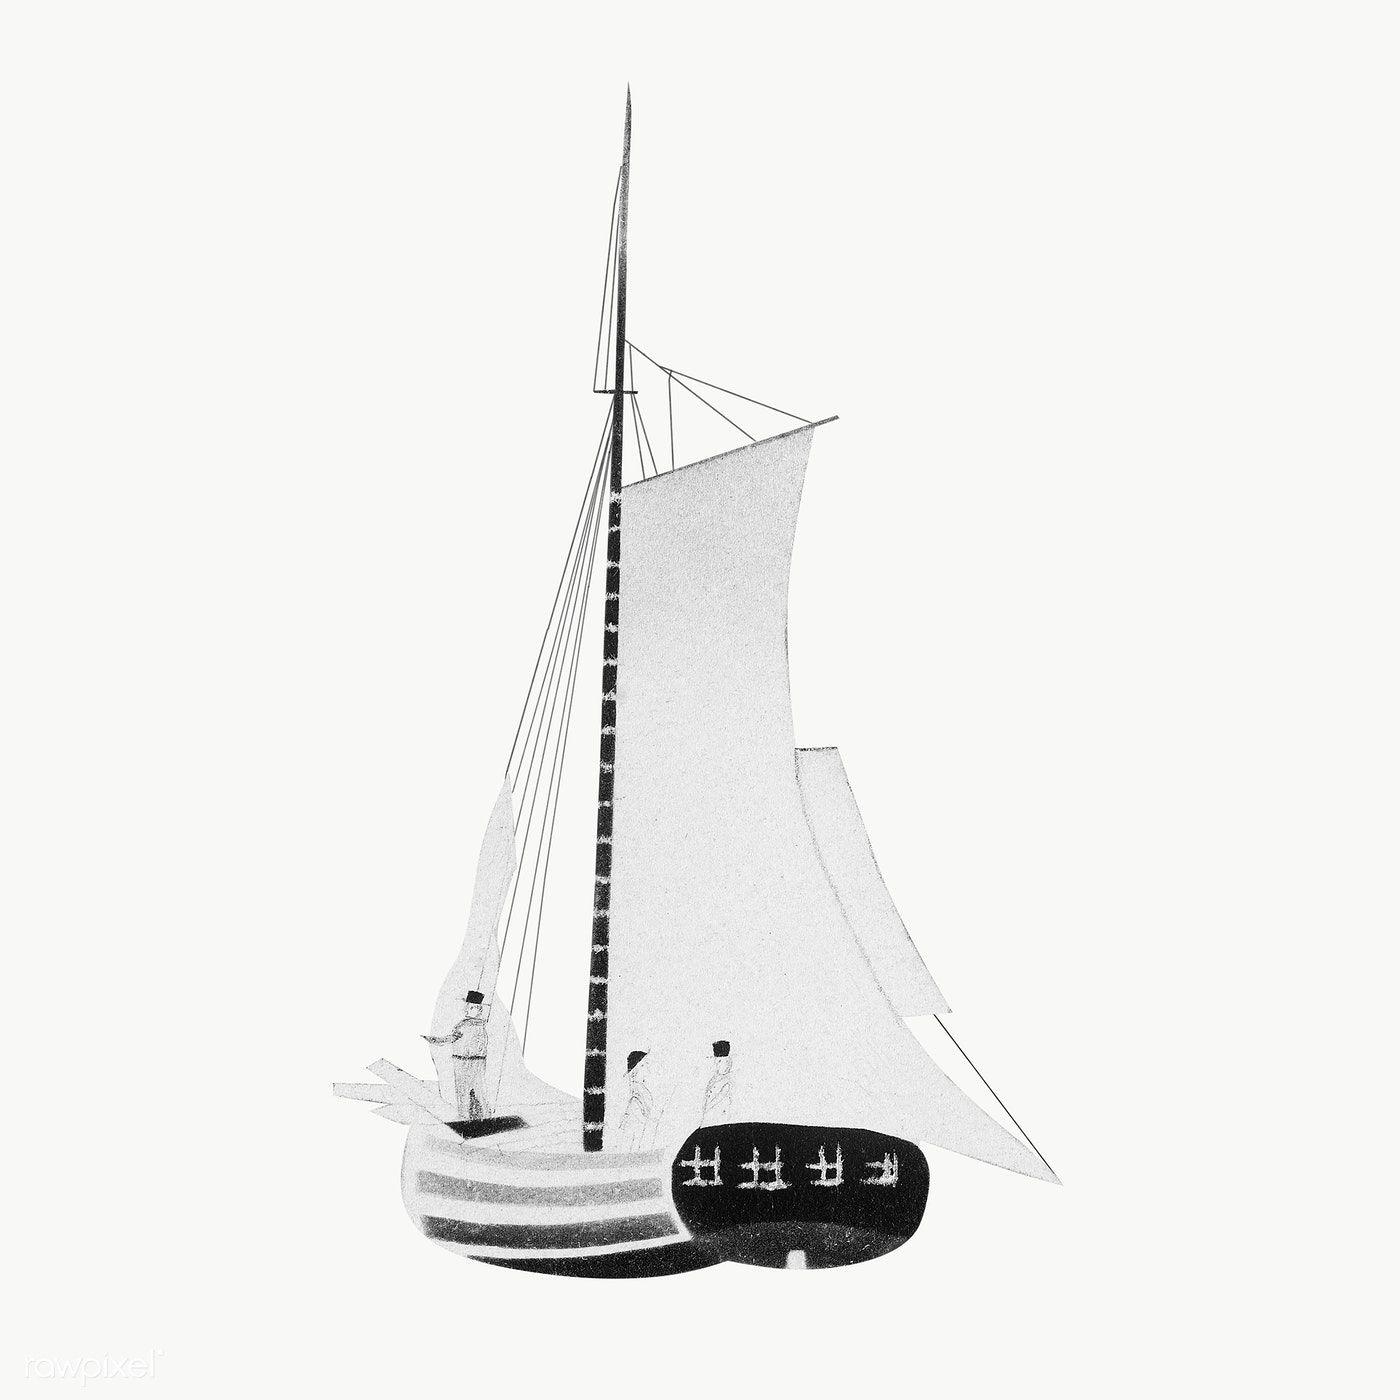 A Sailboat Vintage Illustration Transparent Png Premium Image By Rawpixel Com Donlaya Vintage Illustration Boat Illustration Vintage